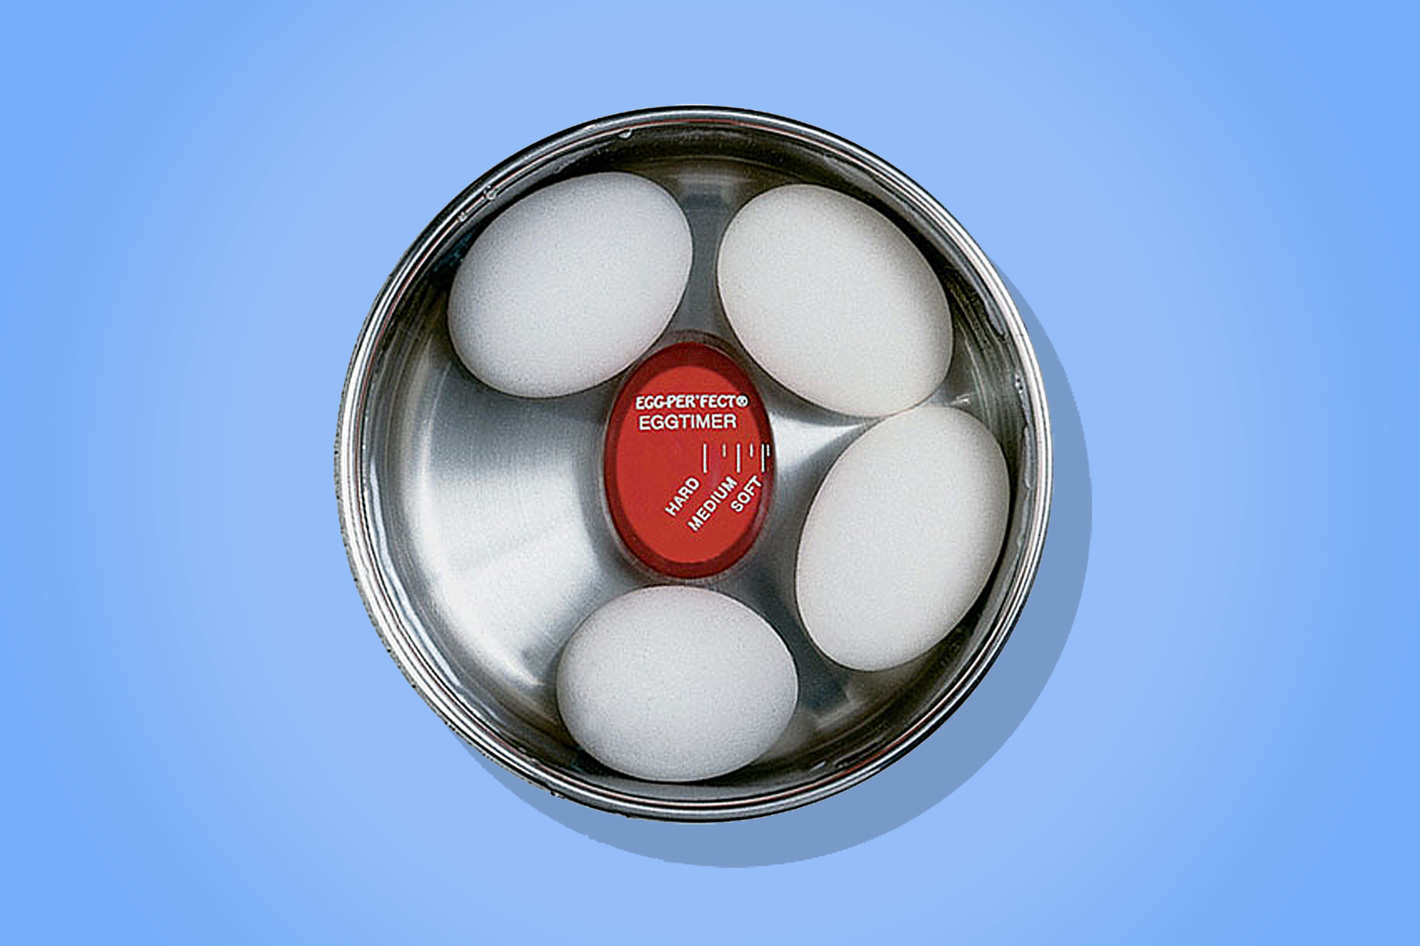 5 acessórios para facilitar sua vida e melhorar sua dieta hipertrófica - ovo timer